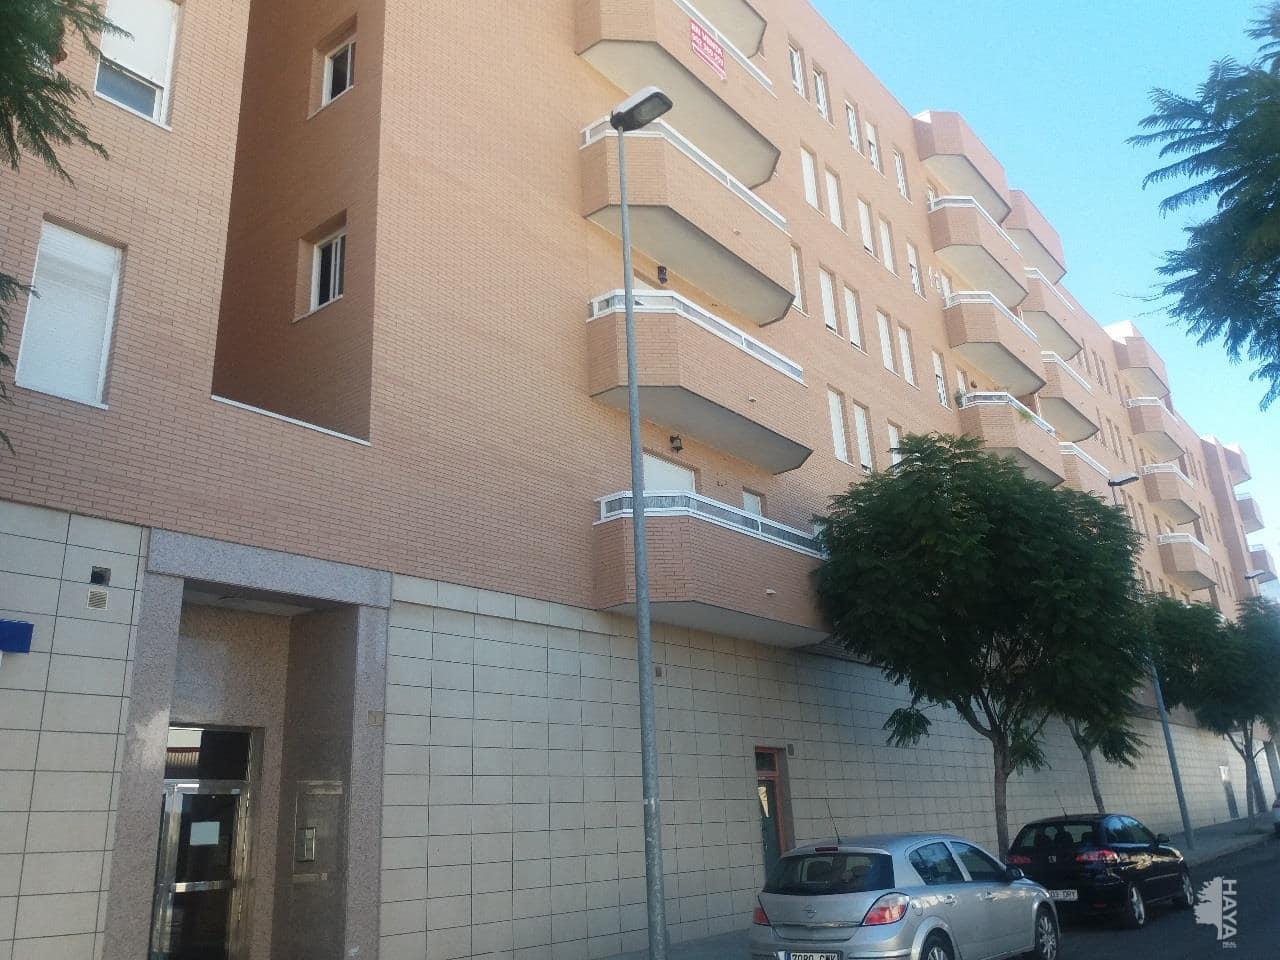 Piso en venta en Vícar, Almería, Calle Grecia, 69.179 €, 3 habitaciones, 1 baño, 60 m2